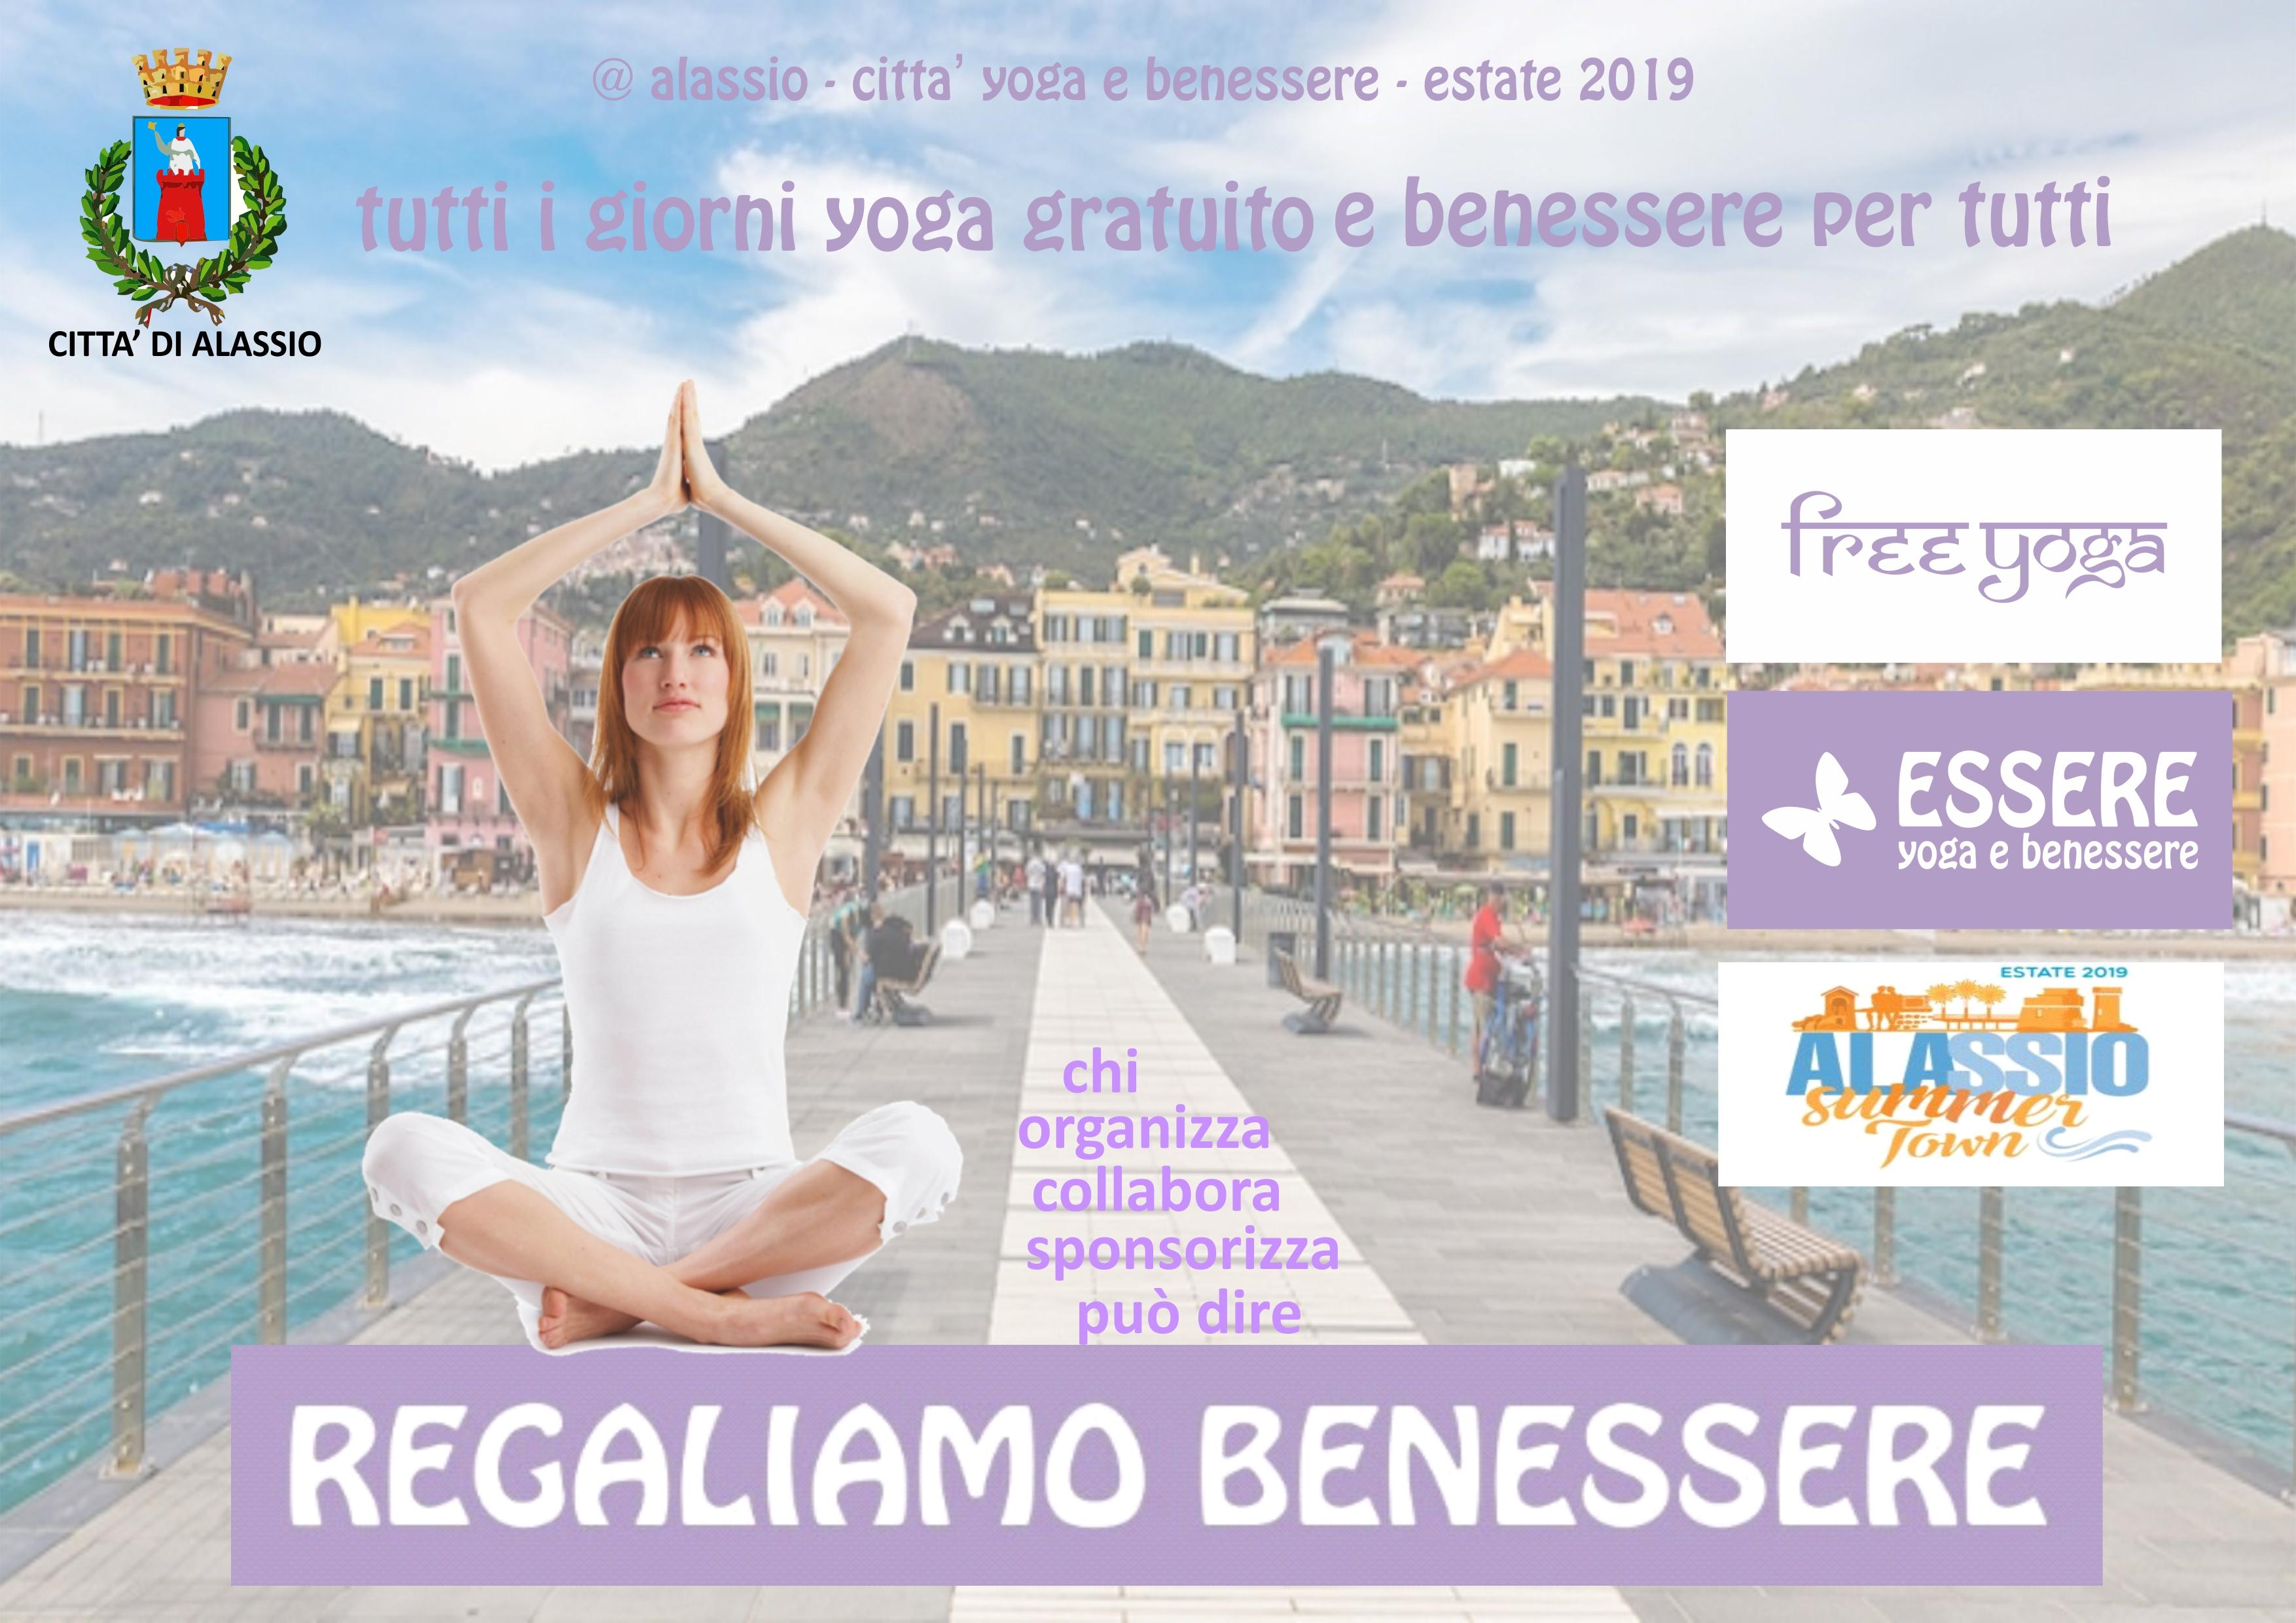 essere-free-yoga-gratuito-benessere-per-tutti-village-citta-alassio-estate-lucia-ragazzi-summer-town-wellness-regaliamo-